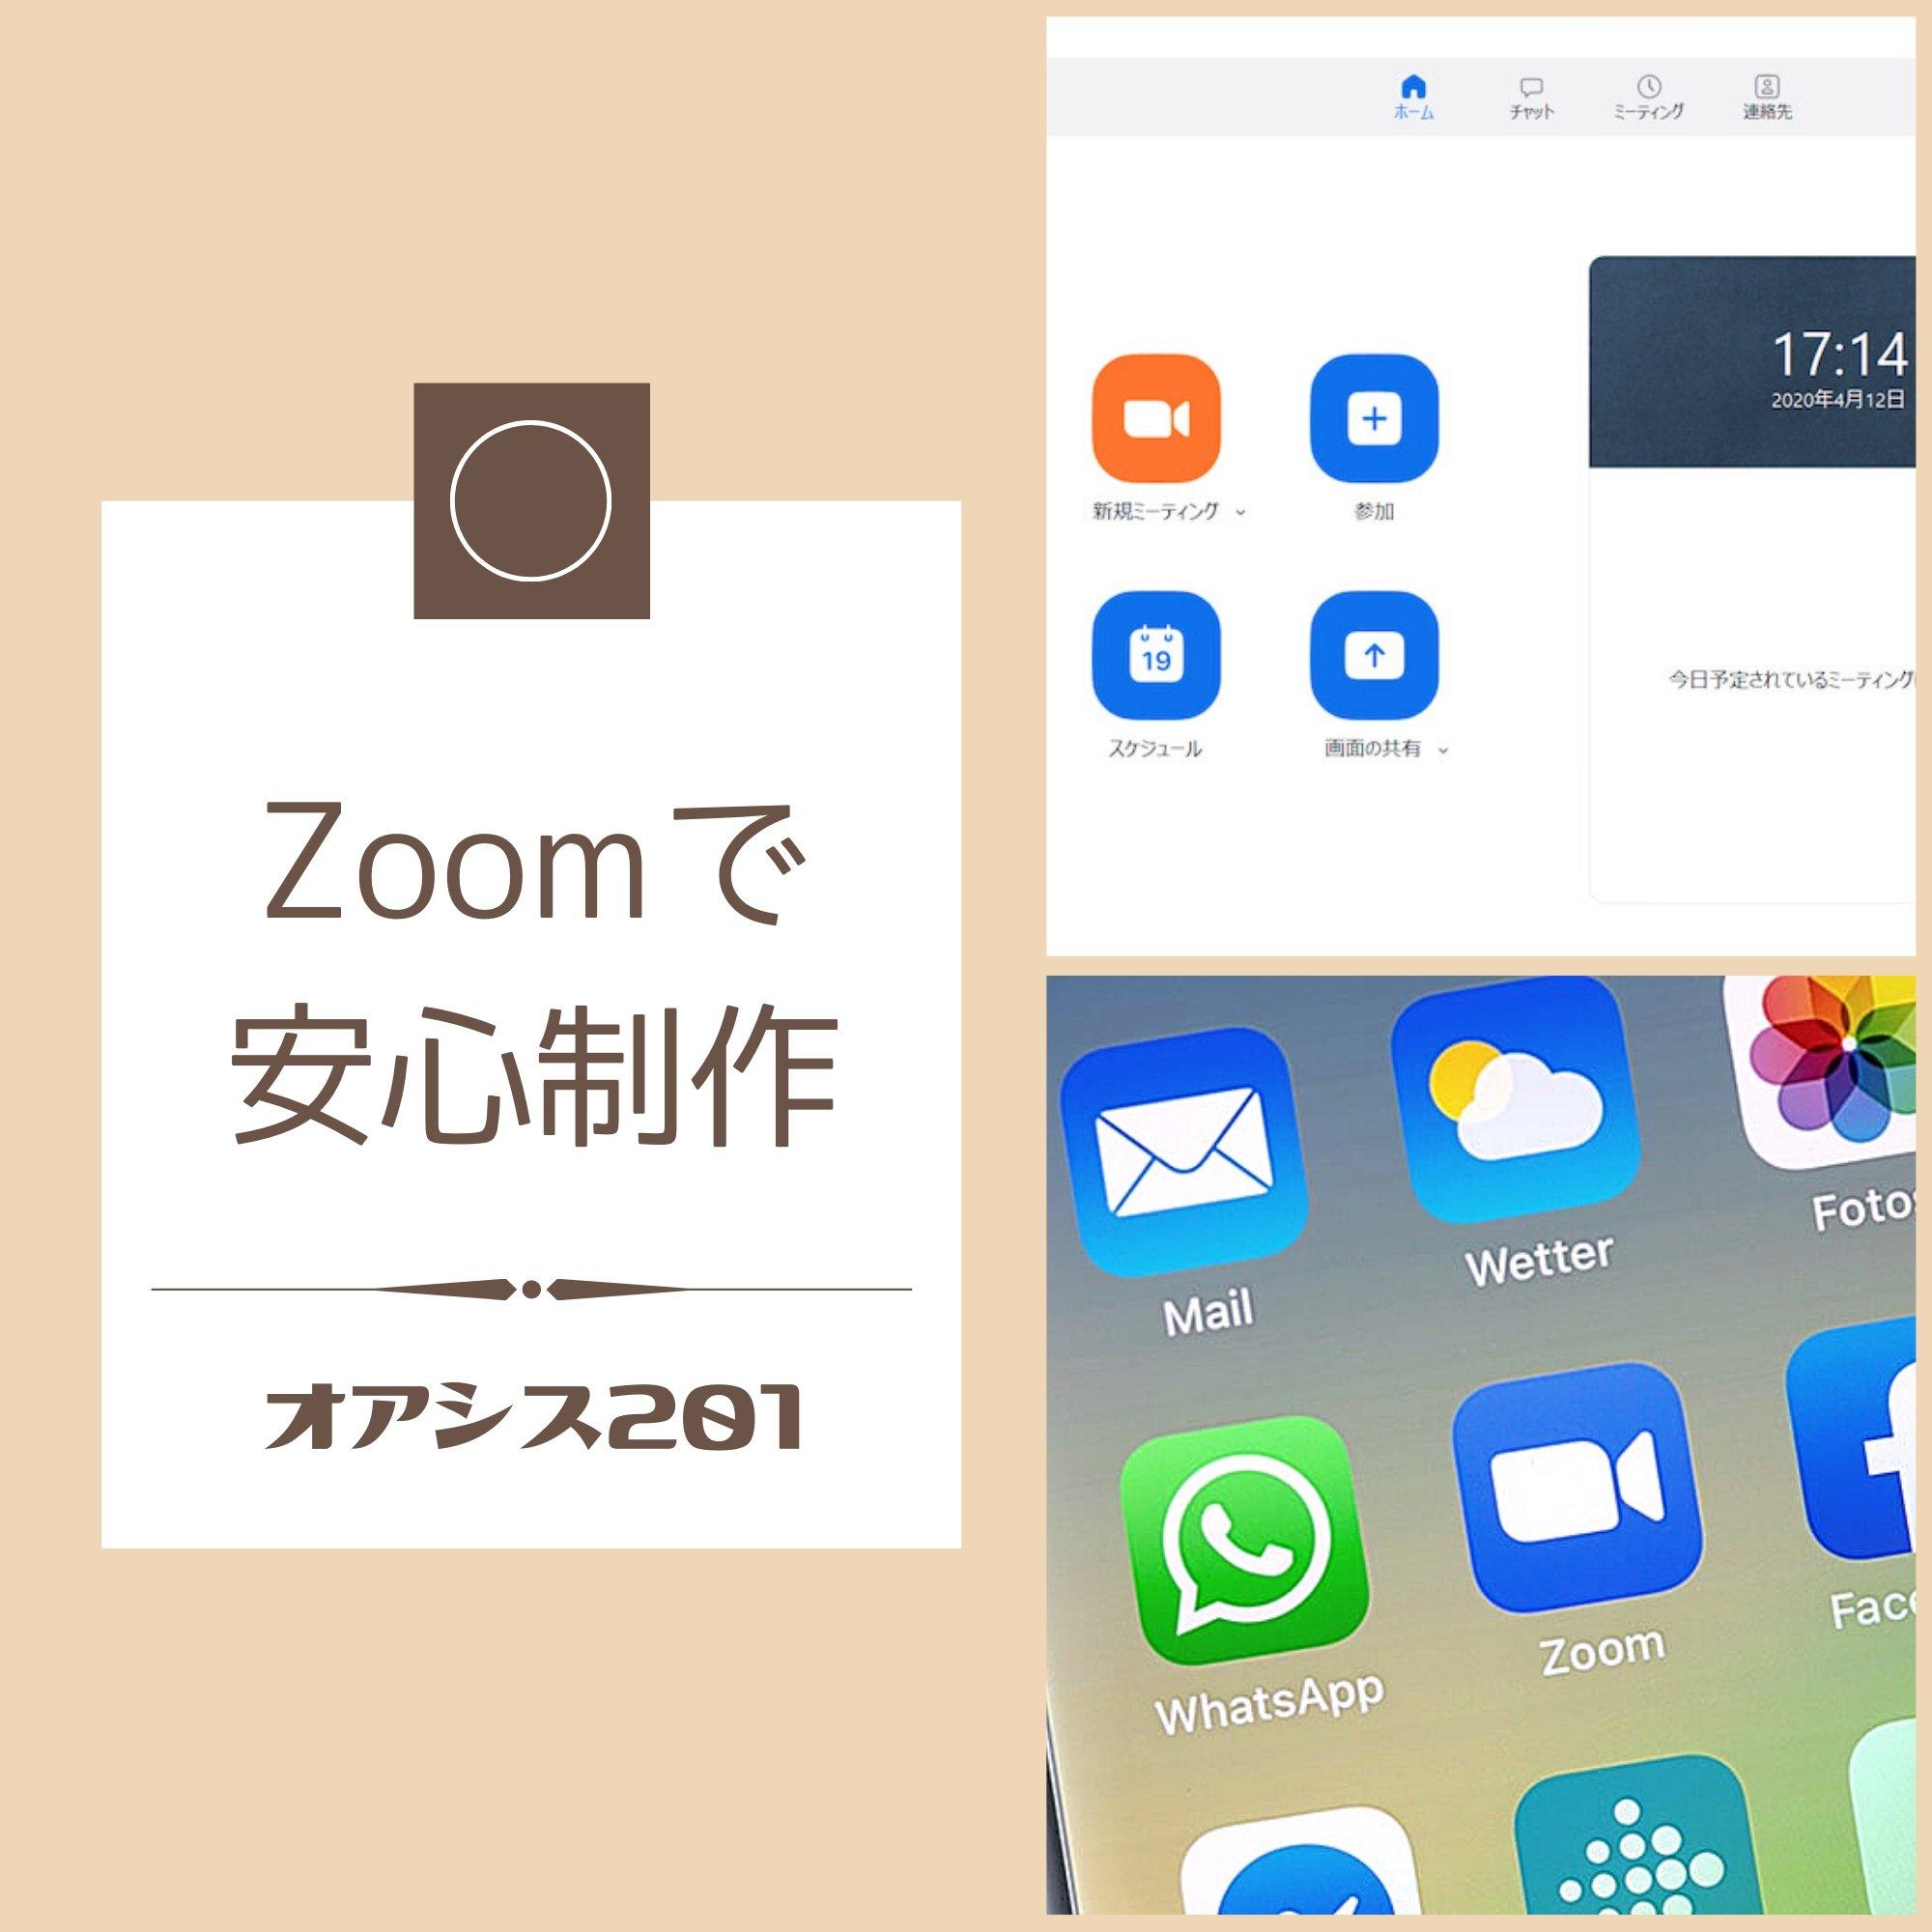 【Zoomで安心制作】ツクツクショップ制作|リニューアルセット(商品ページ+イメージ画像各種設定付き)のイメージその2